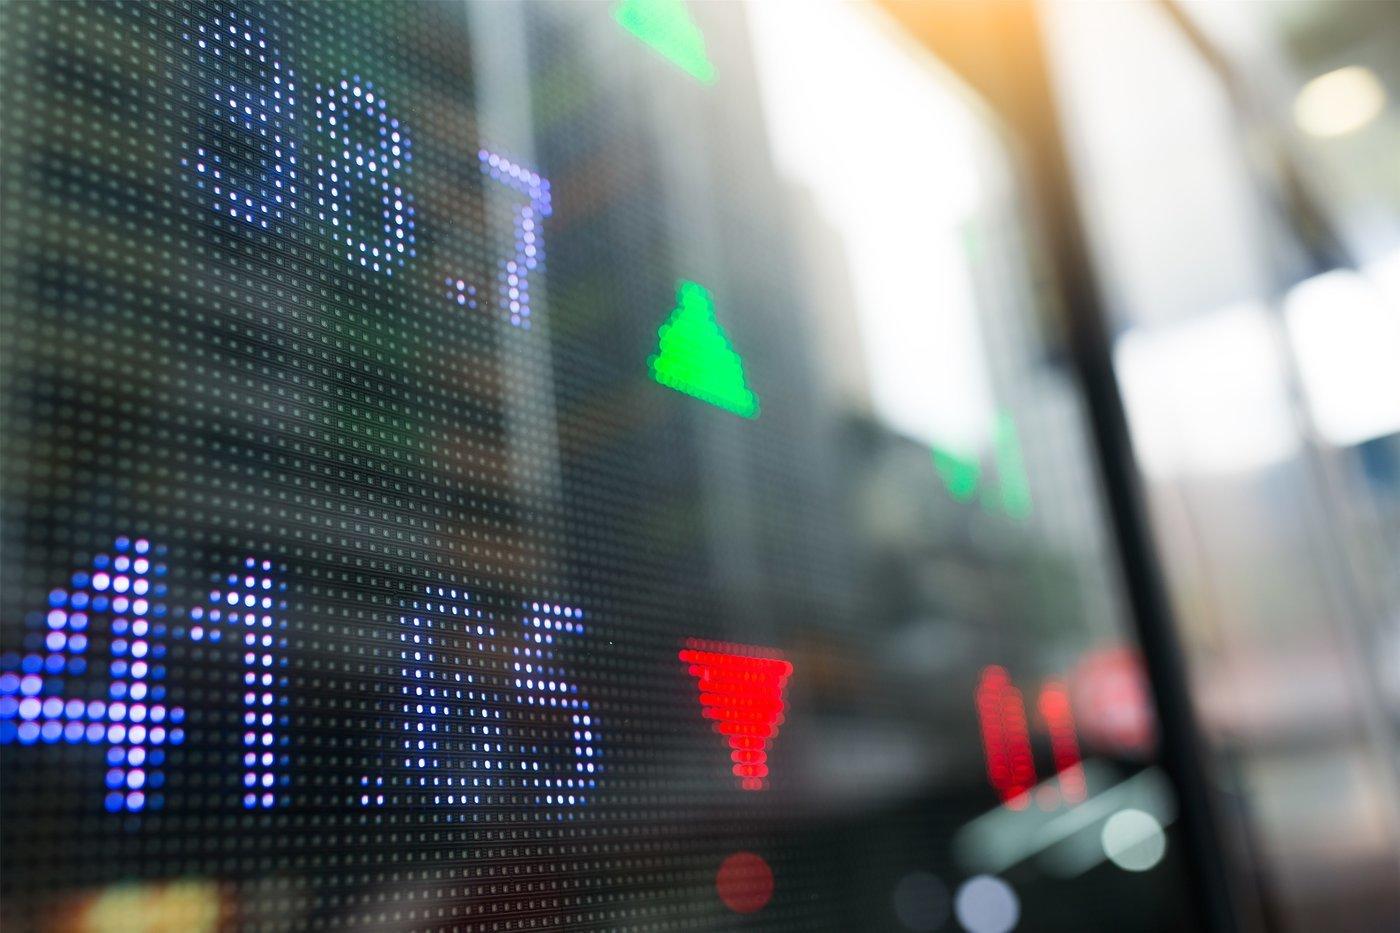 美国进入拜登时代,中概股的日子会好过一些吗?